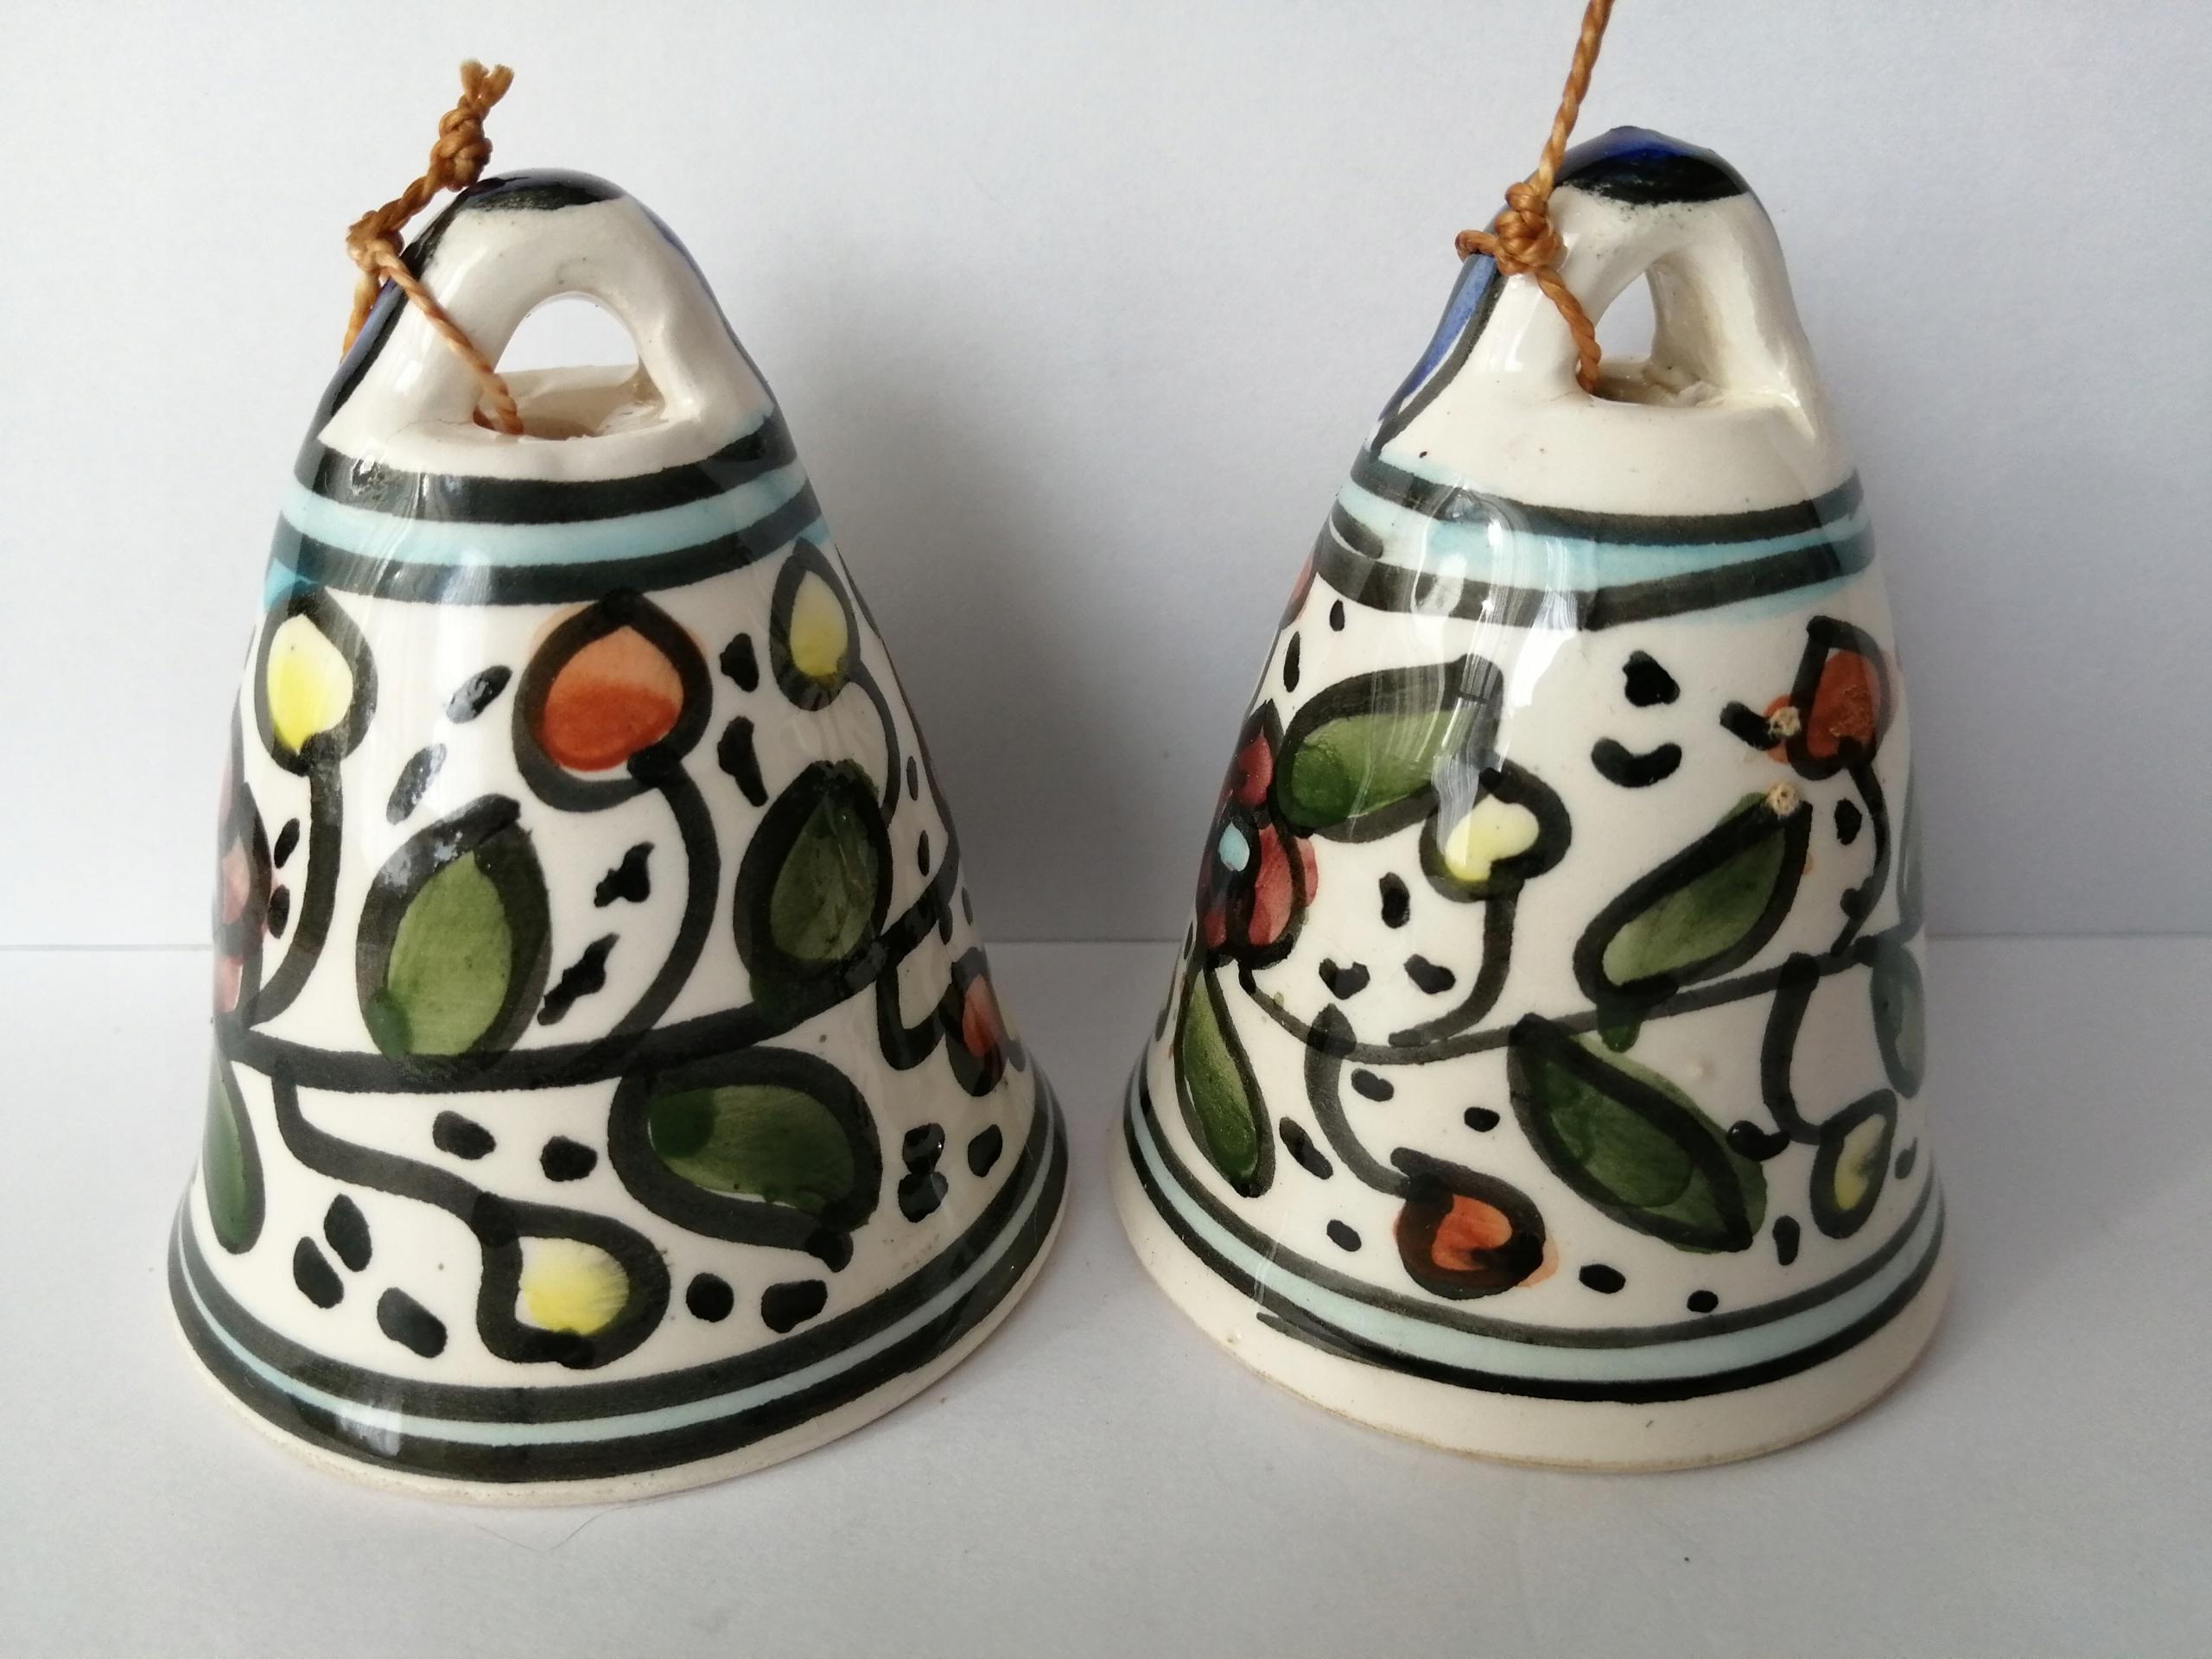 dzwonek dzwonki ceramika szkliwiona